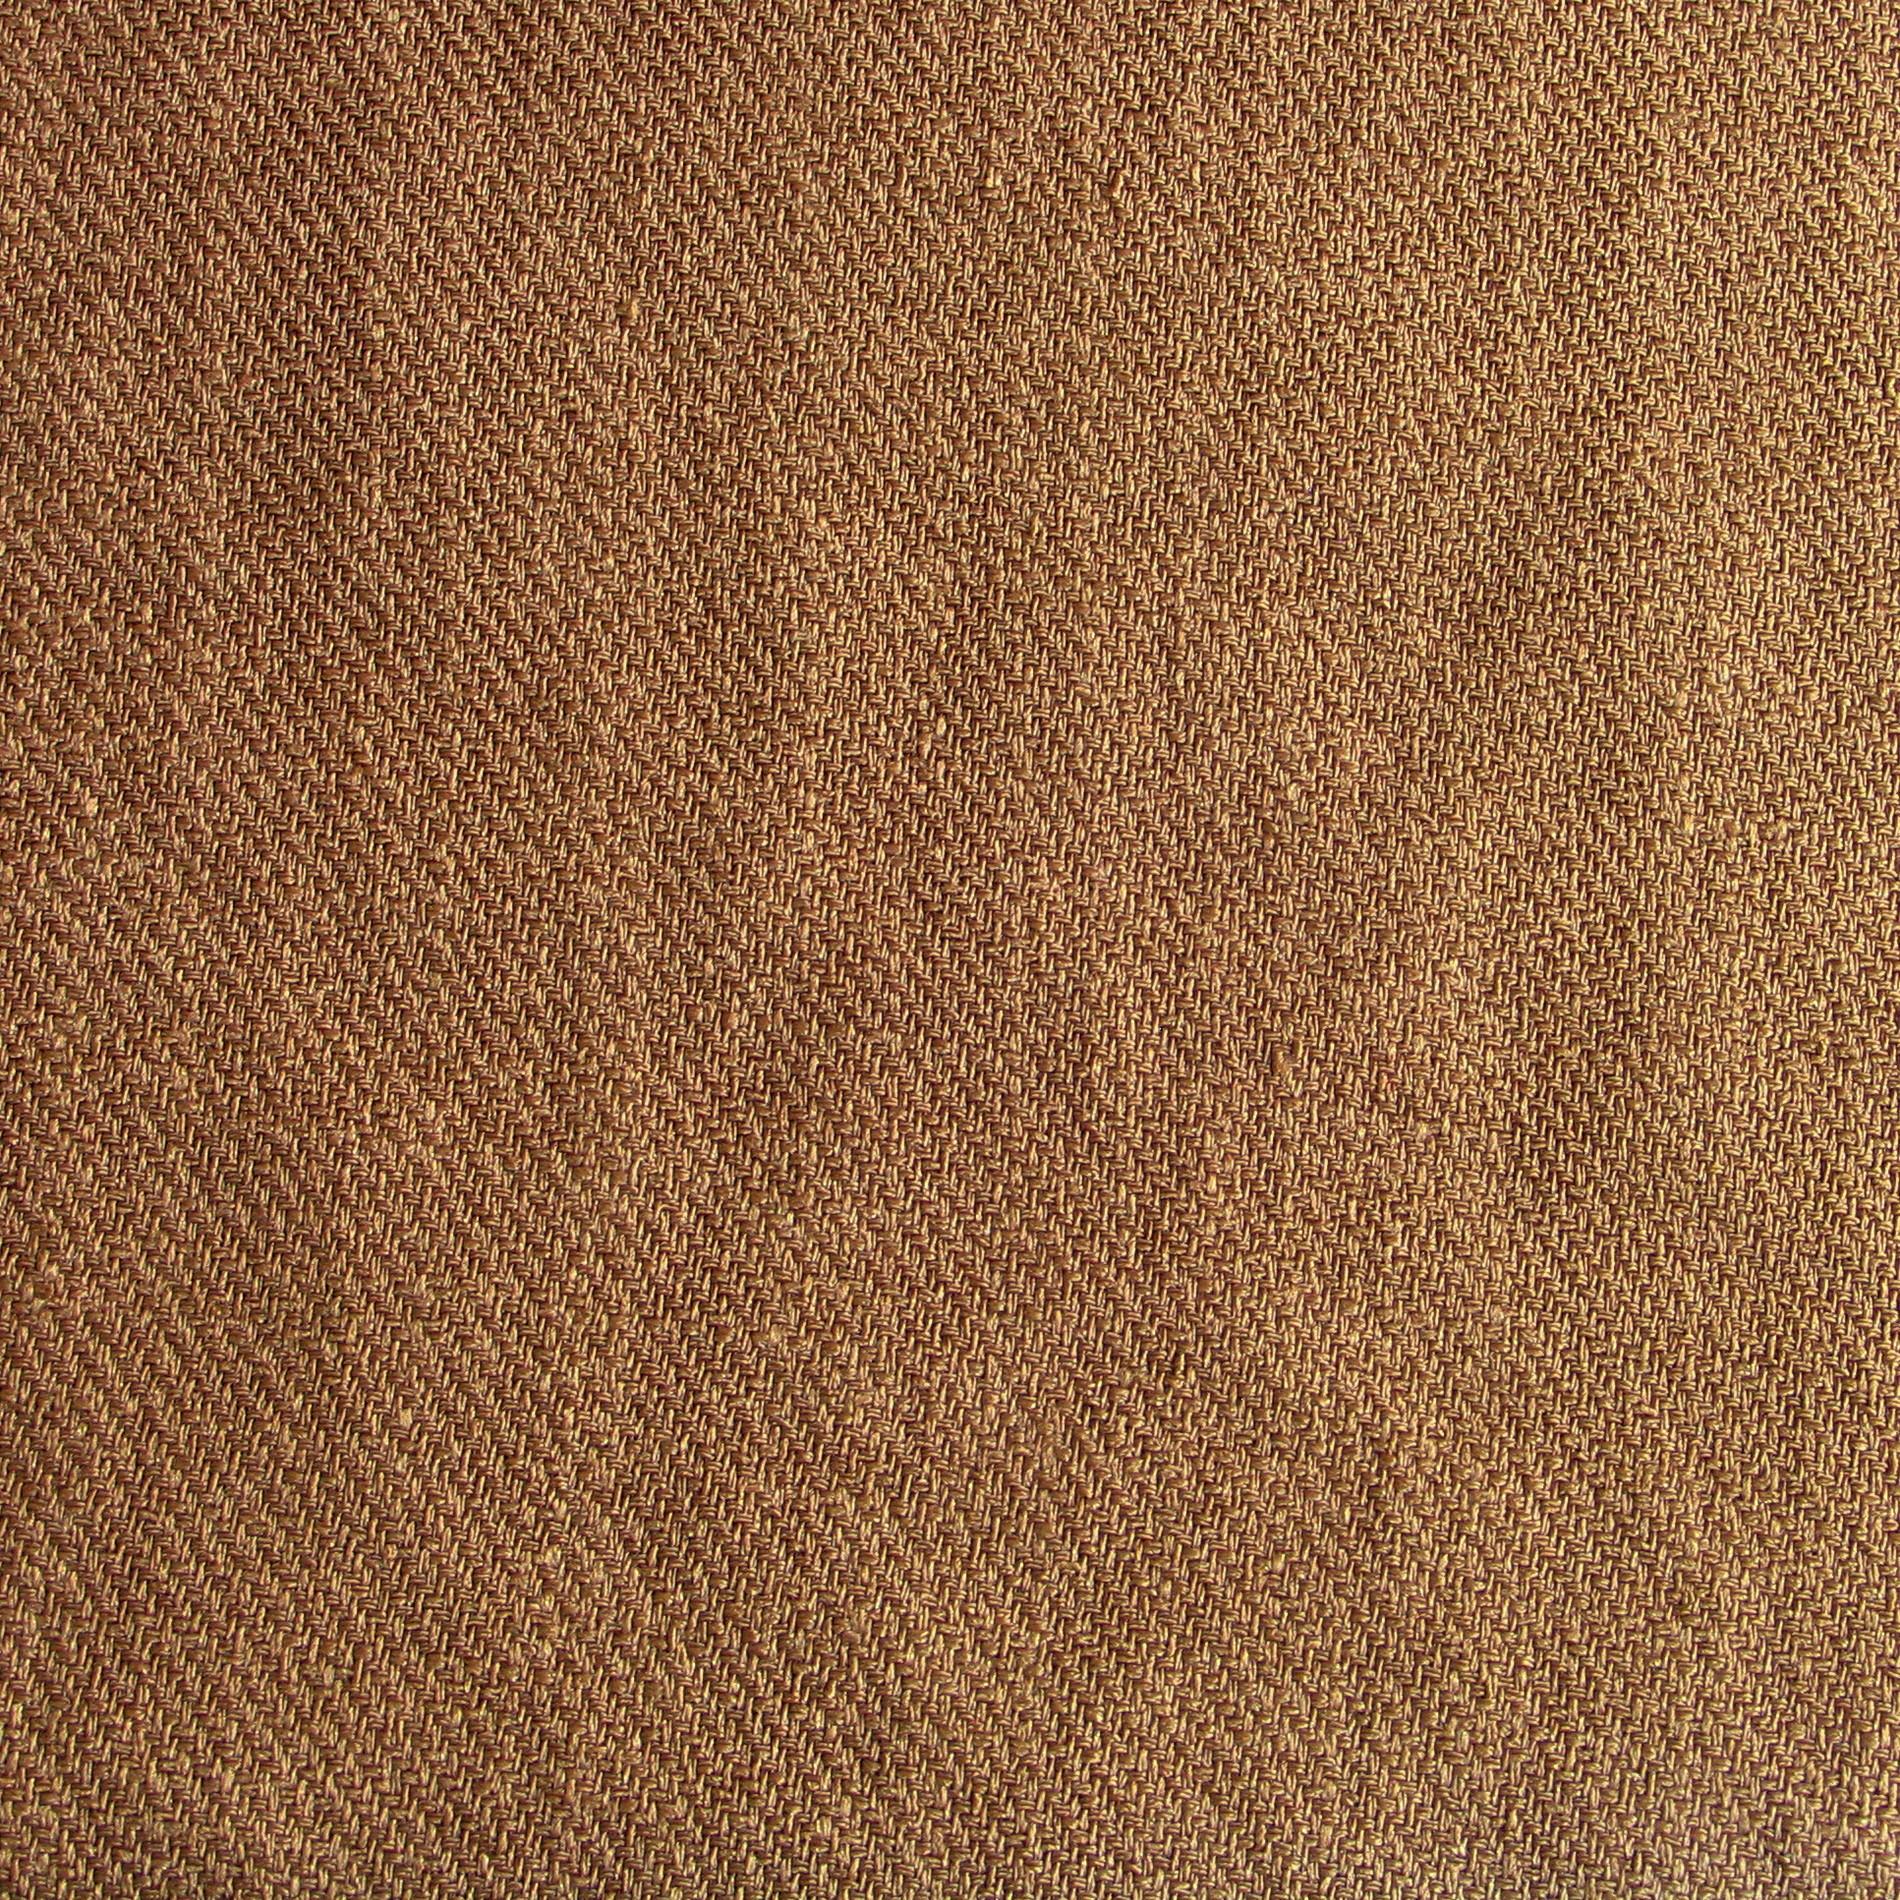 Modische Pullover & Strickjacken für Damen von ‣ Esprit: ✓ feminine V-Neck-Pullover ✓ zeitlose Cardigans aus Organic Cotton ✓ trendige Sweater.